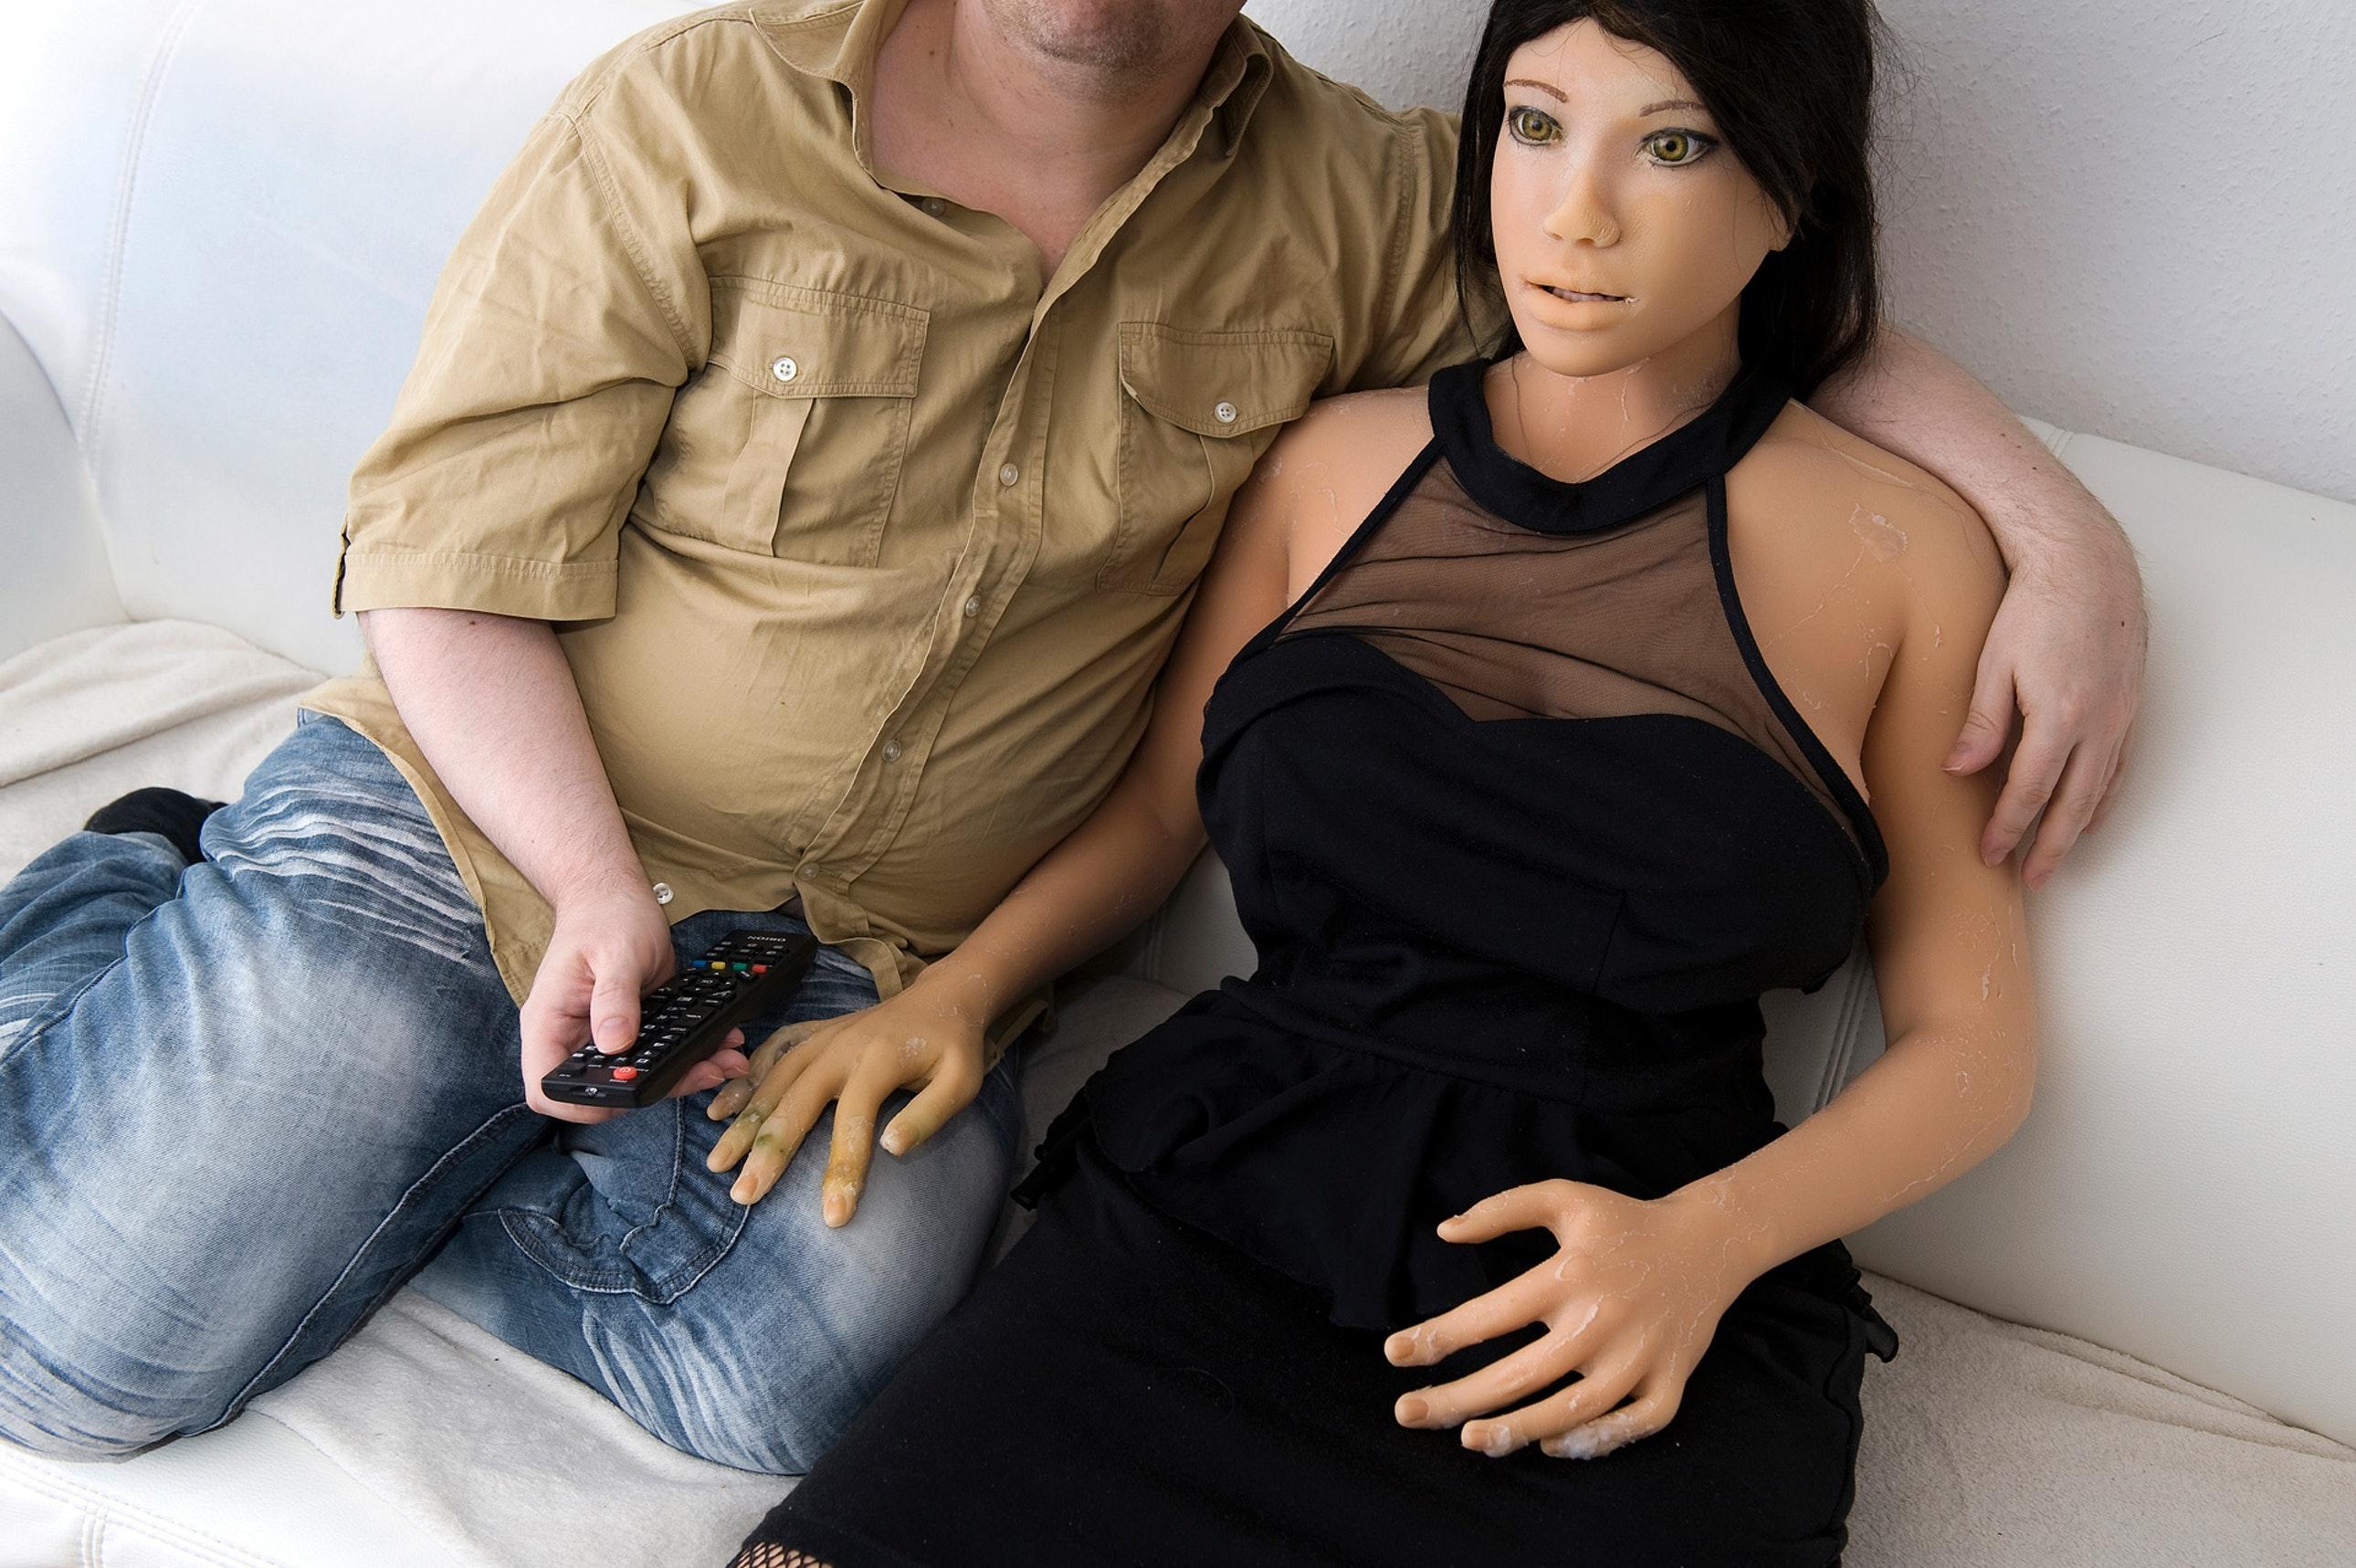 Мужик и силиконовая баба, два негра жарят белого парня порно